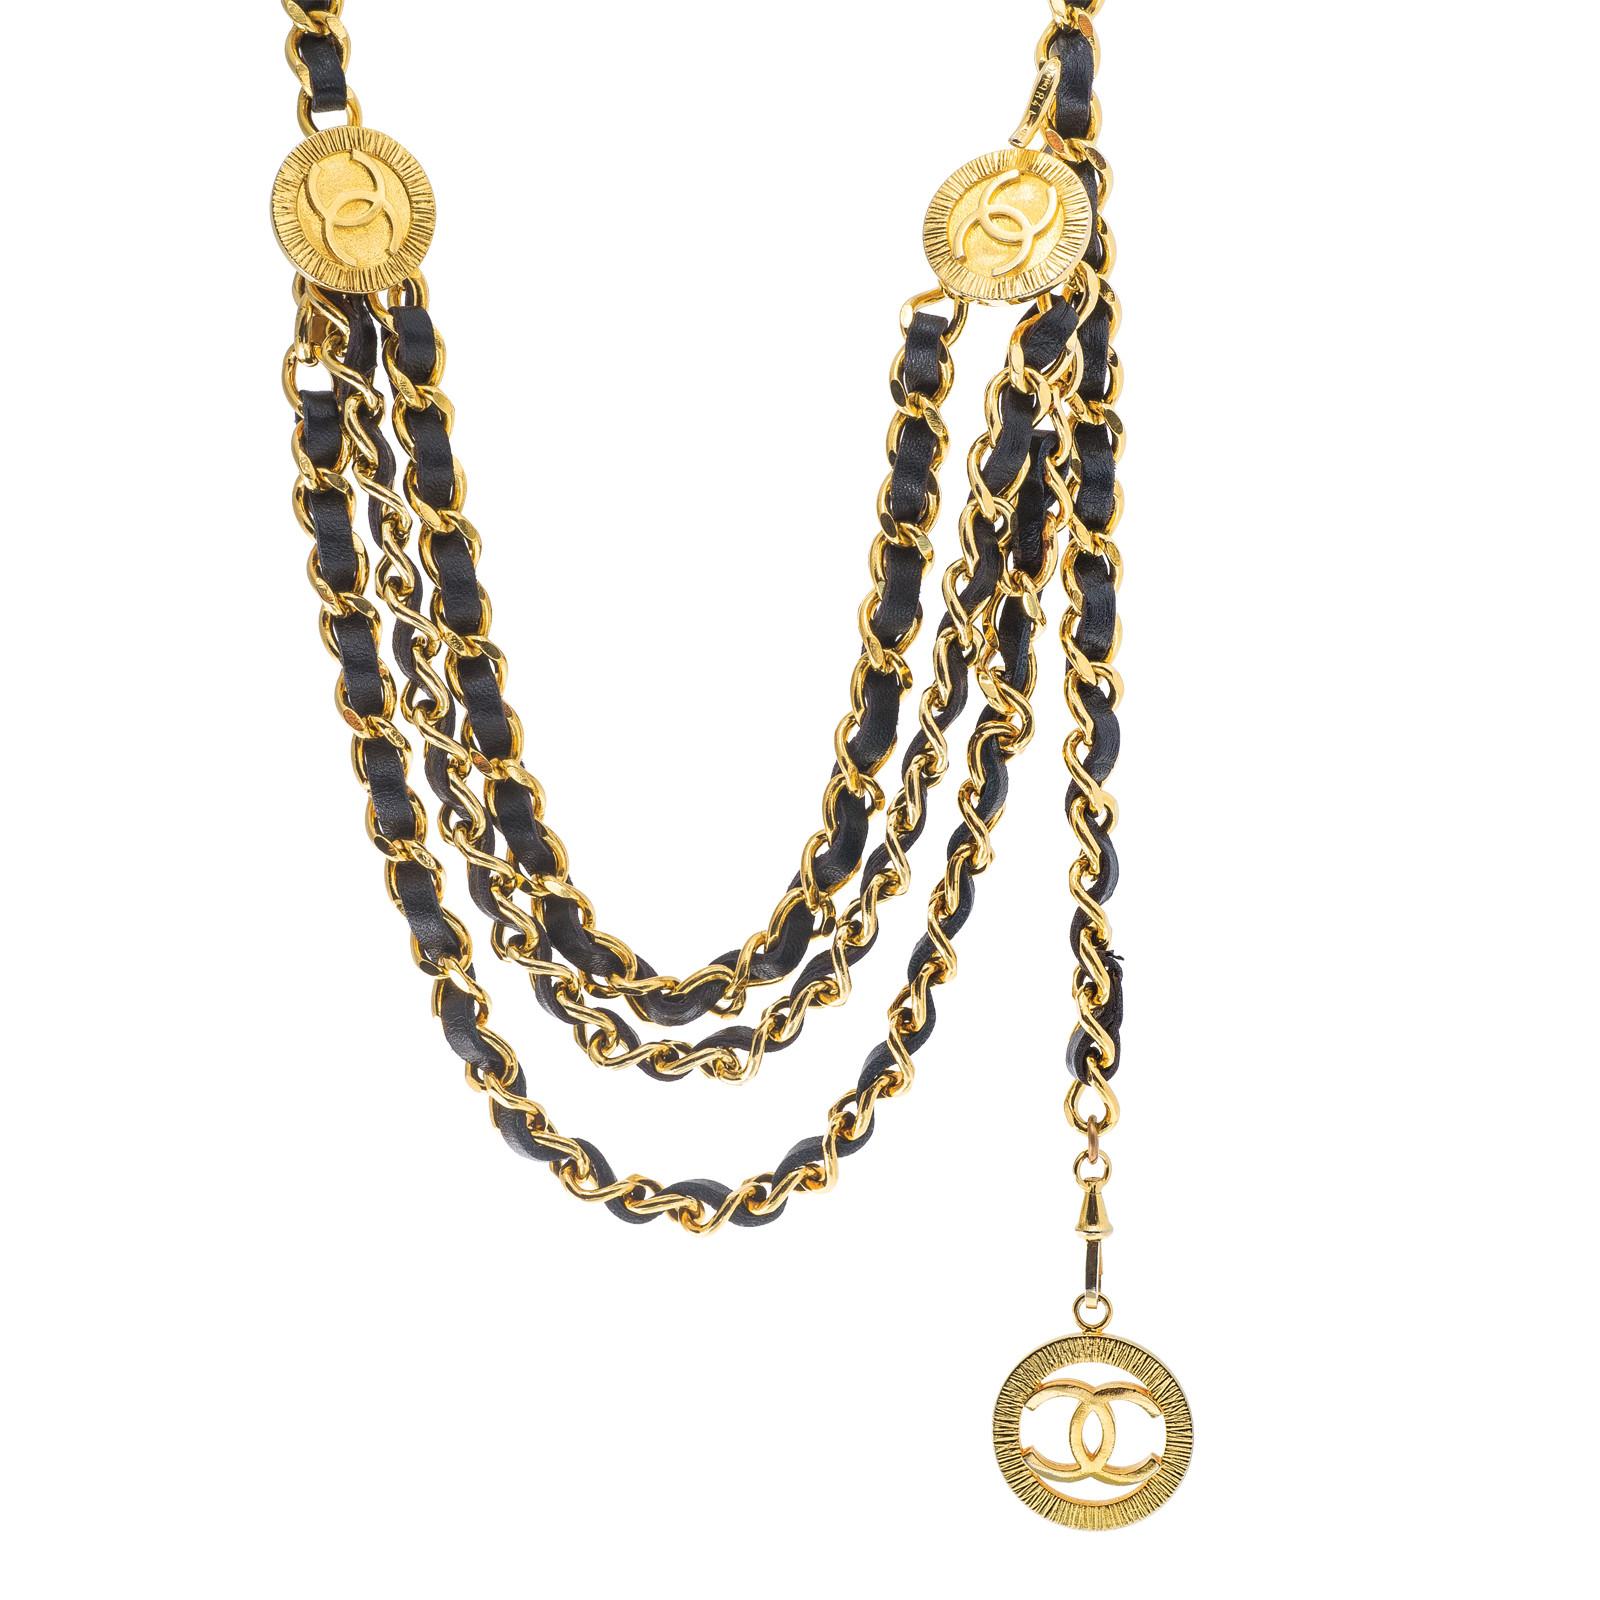 Vintage Chanel Leather Belt/Necklace